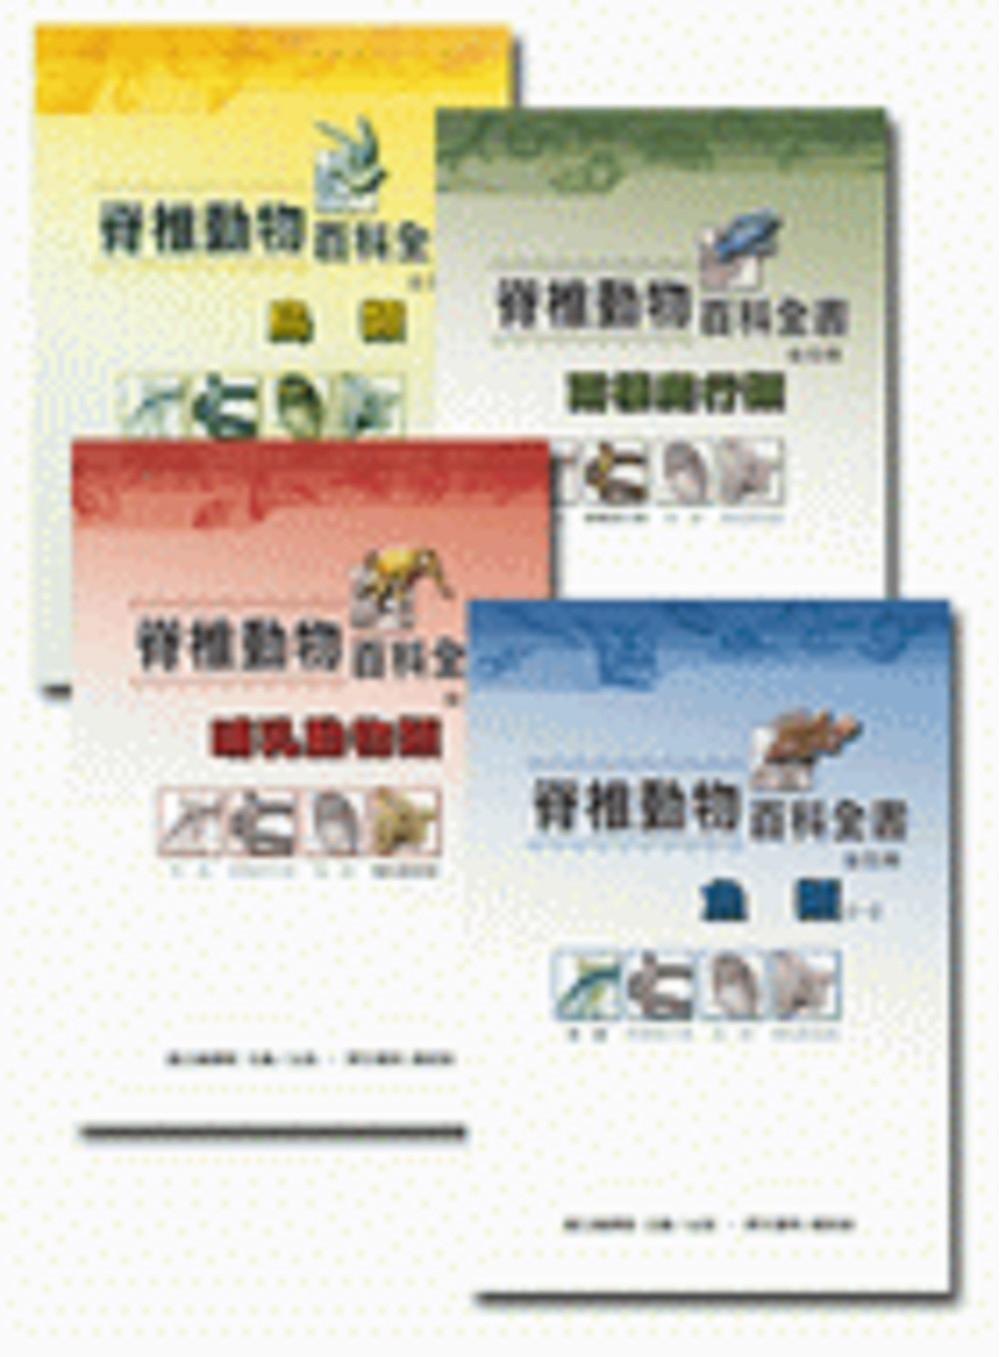 脊椎動物百科全書